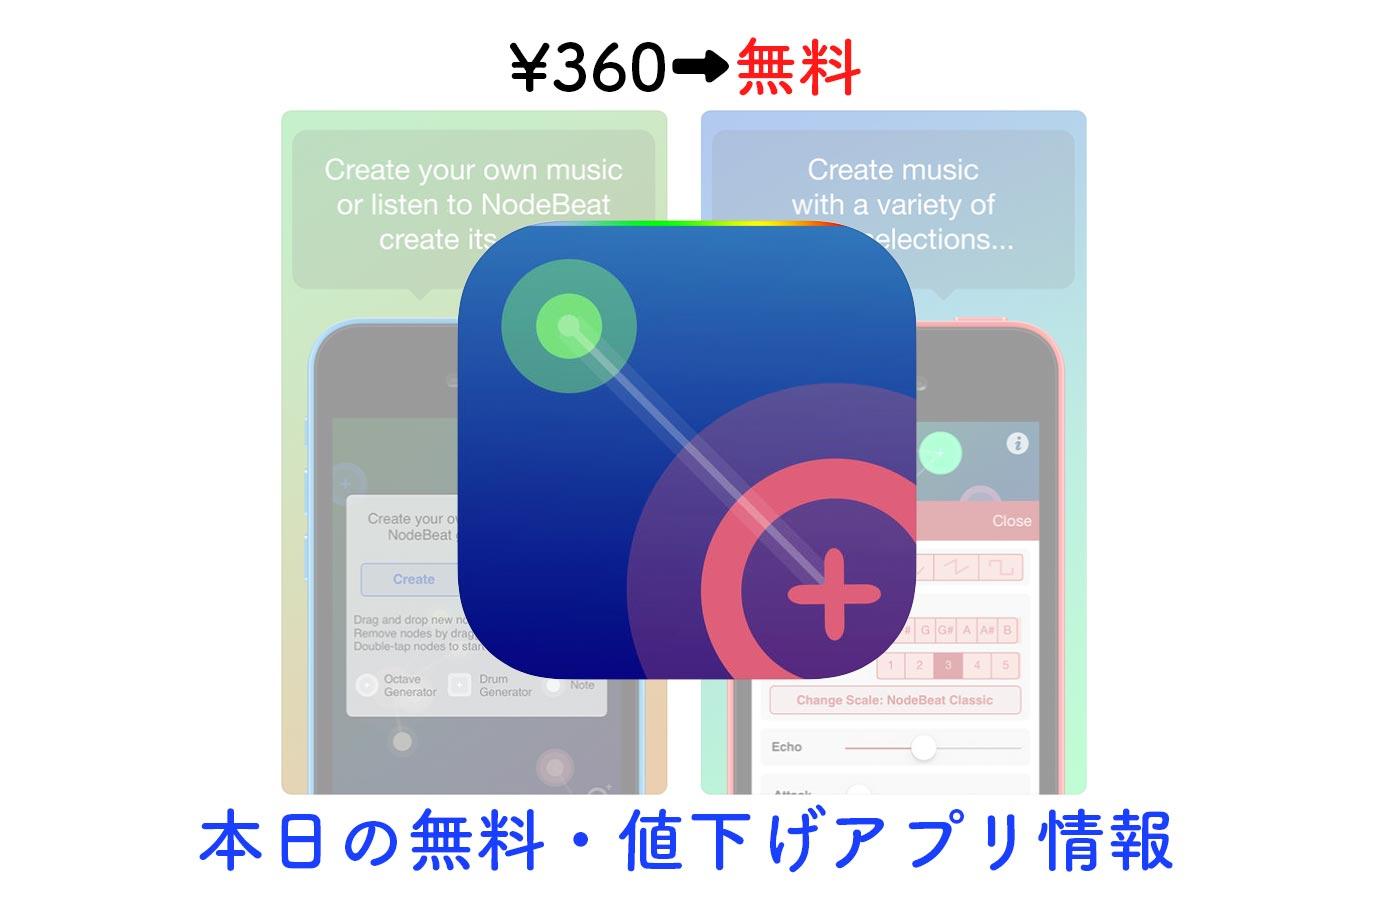 ¥360→無料、点を結んでいくことで手軽に音楽を作れる「NodeBeat」など【3/11】本日の無料・値下げ情報